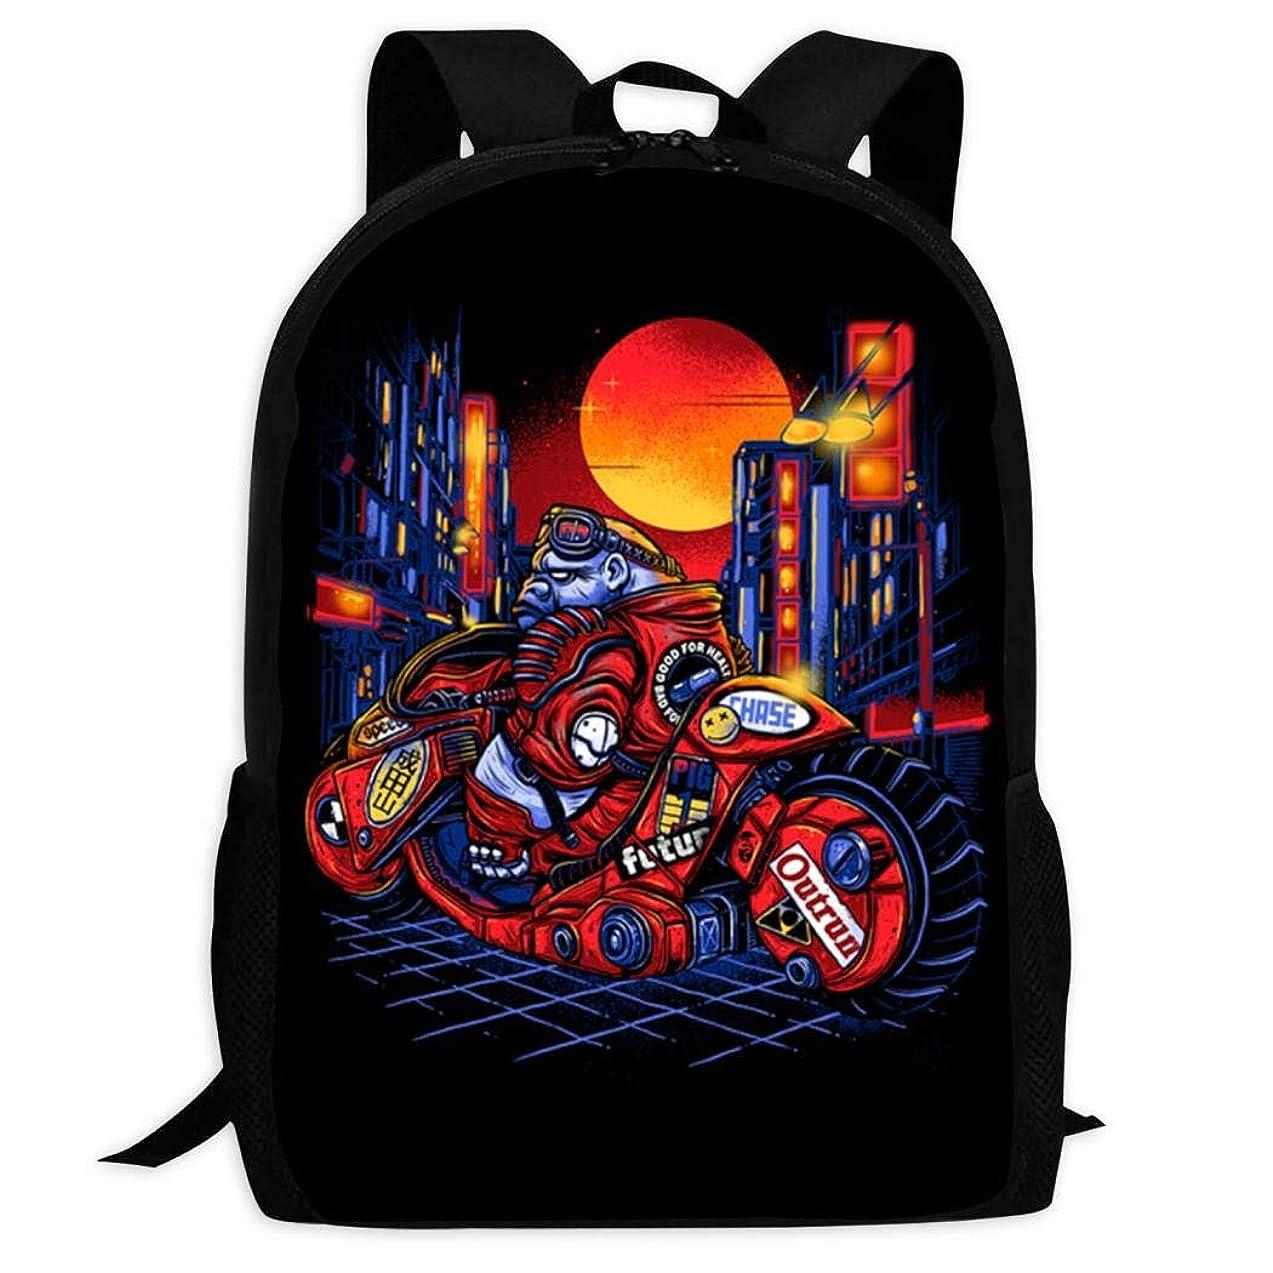 ボンド手荷物セクションChasing Midnight キッズバックパックラップトップバッグ学生軽量スクールバッグトラベルバッグブックバッグ男の子女の子のためのショルダーバッグ